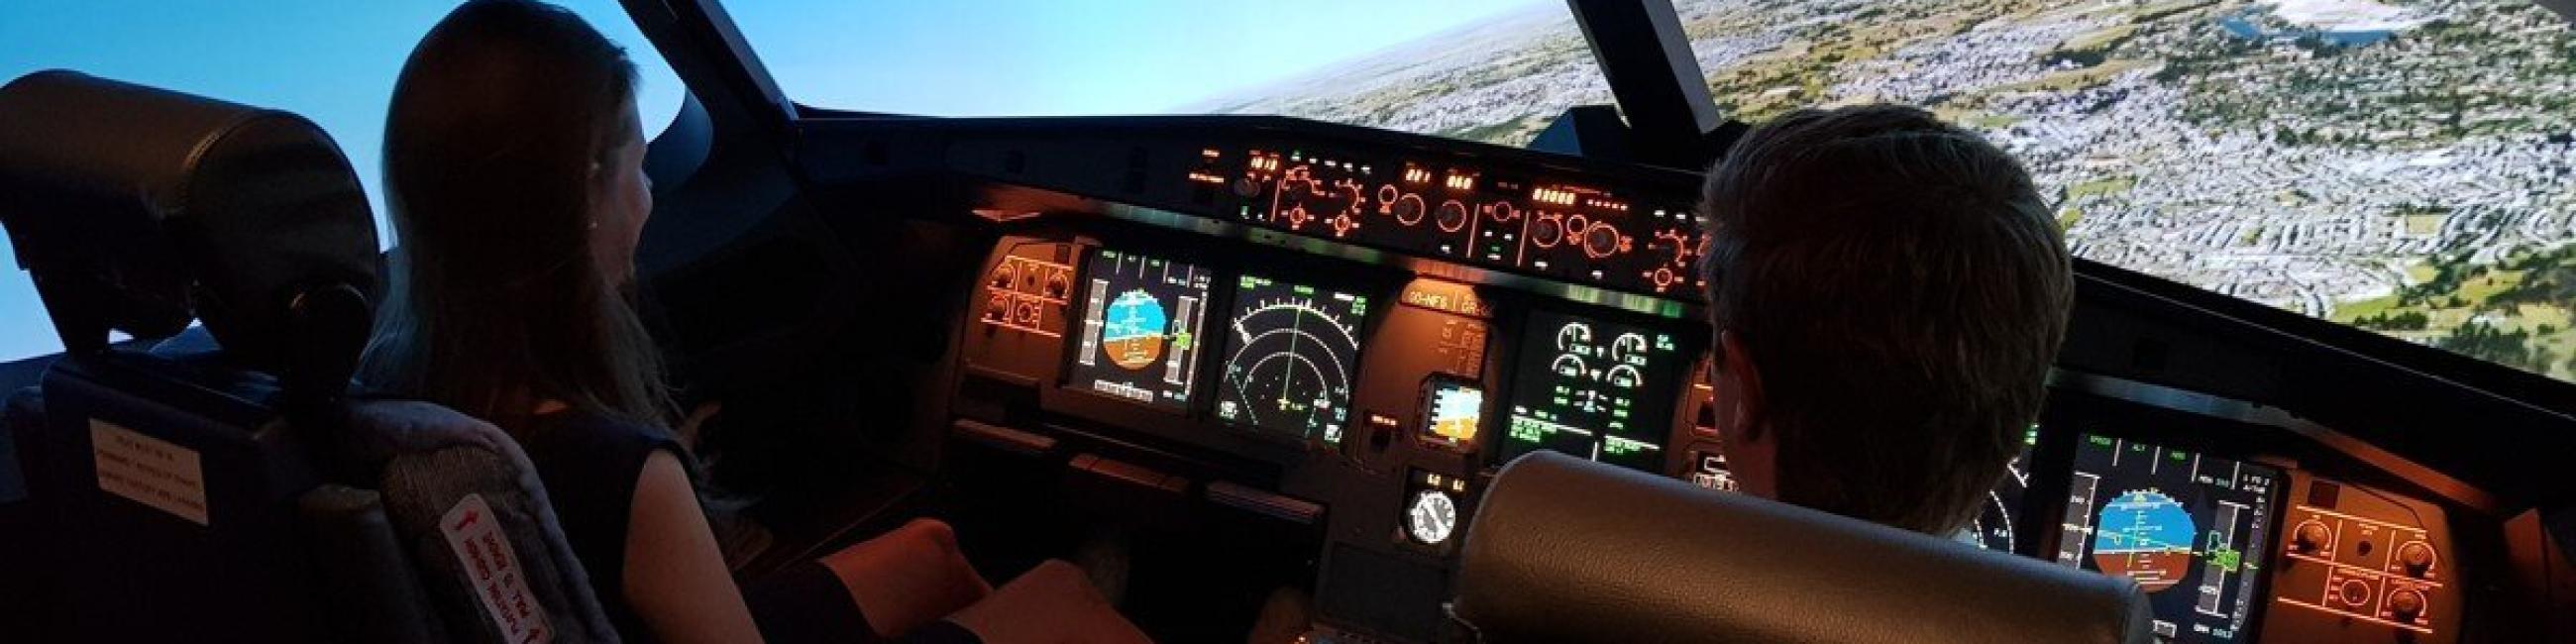 Nortfsea Flight Simulation